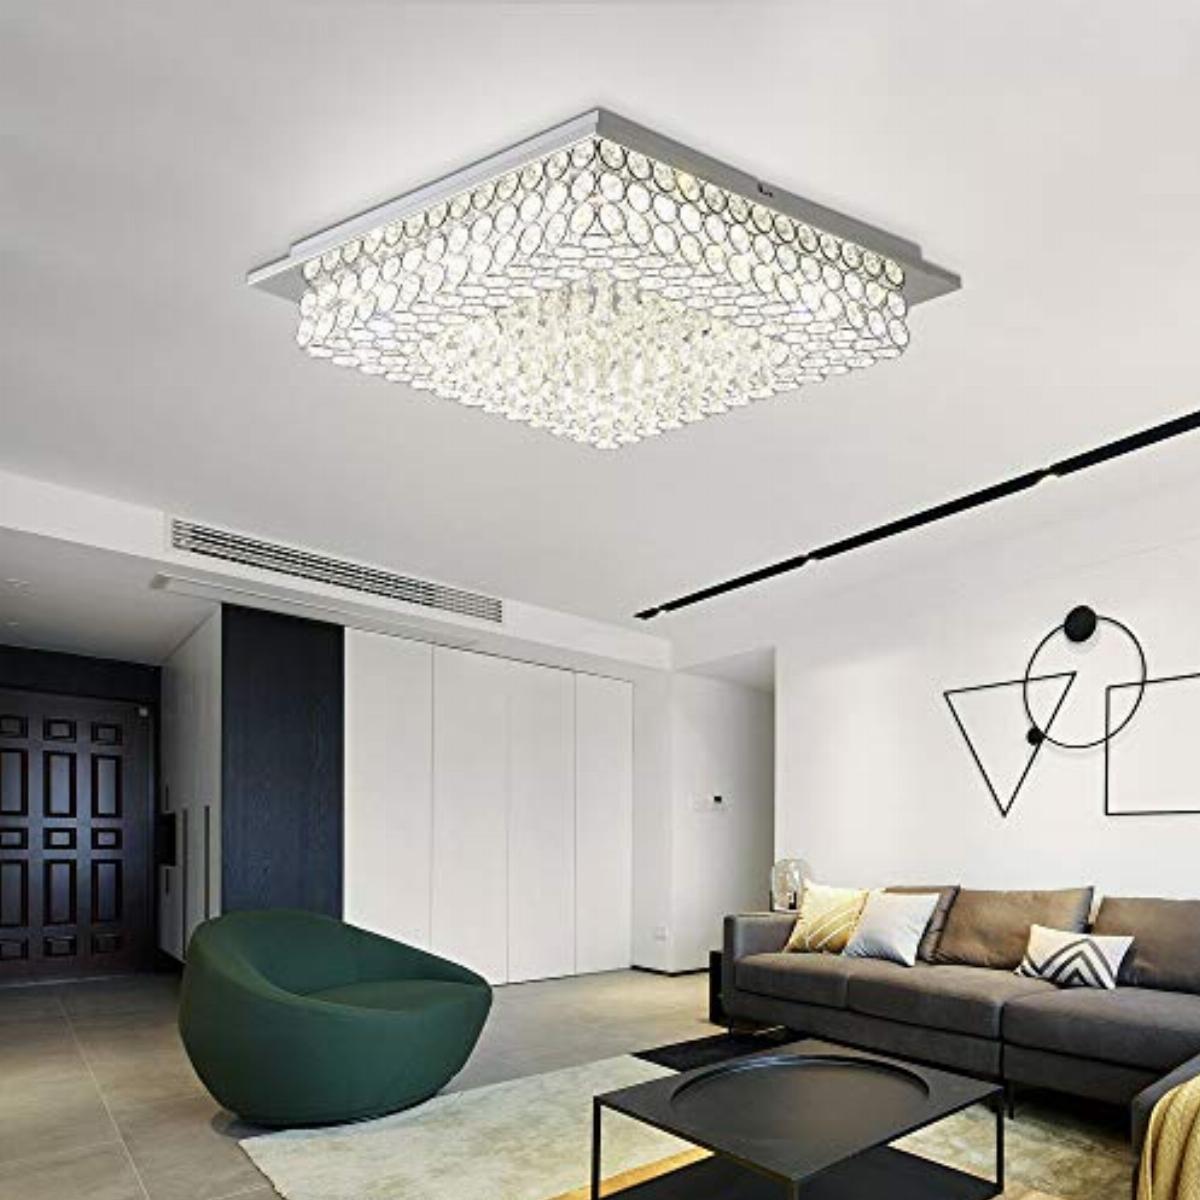 horisun crystal chandelier led ceiling light fixture 4000k dimmable flush mount lighting square pendant lamp for dining room bathroom bedroom